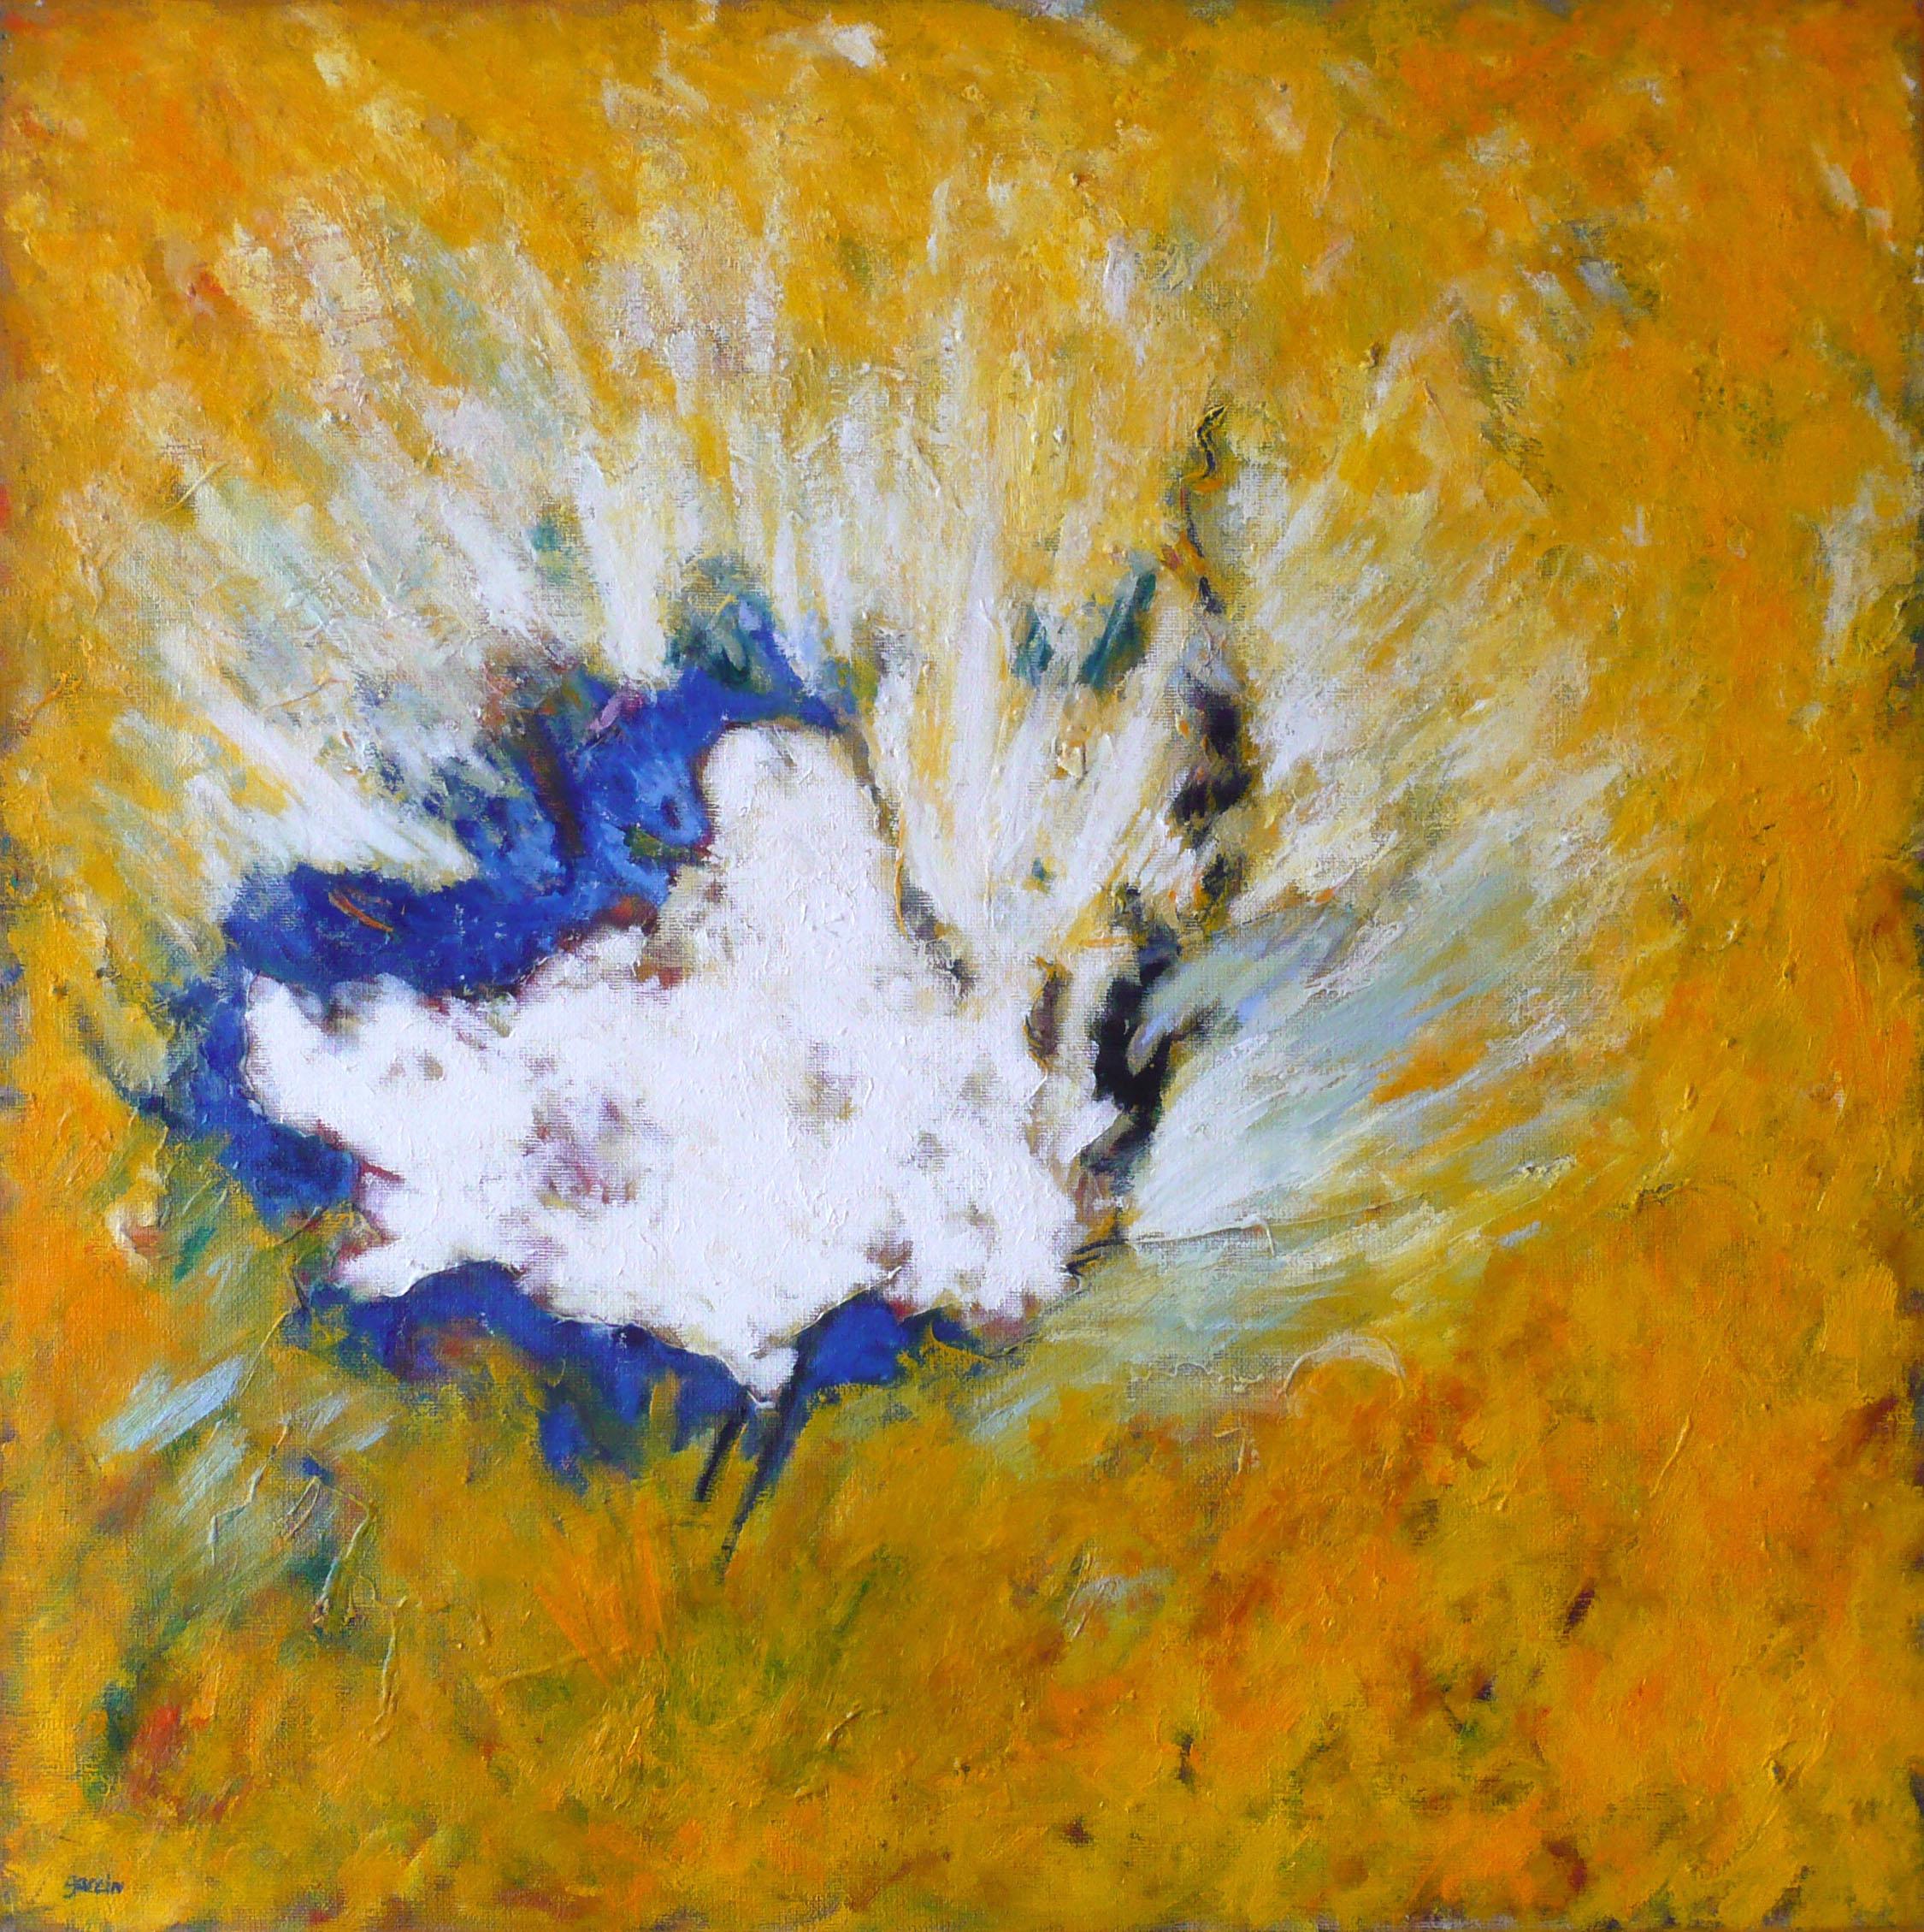 Arbre blanc 2, huile sur toile 80 X 80 cm